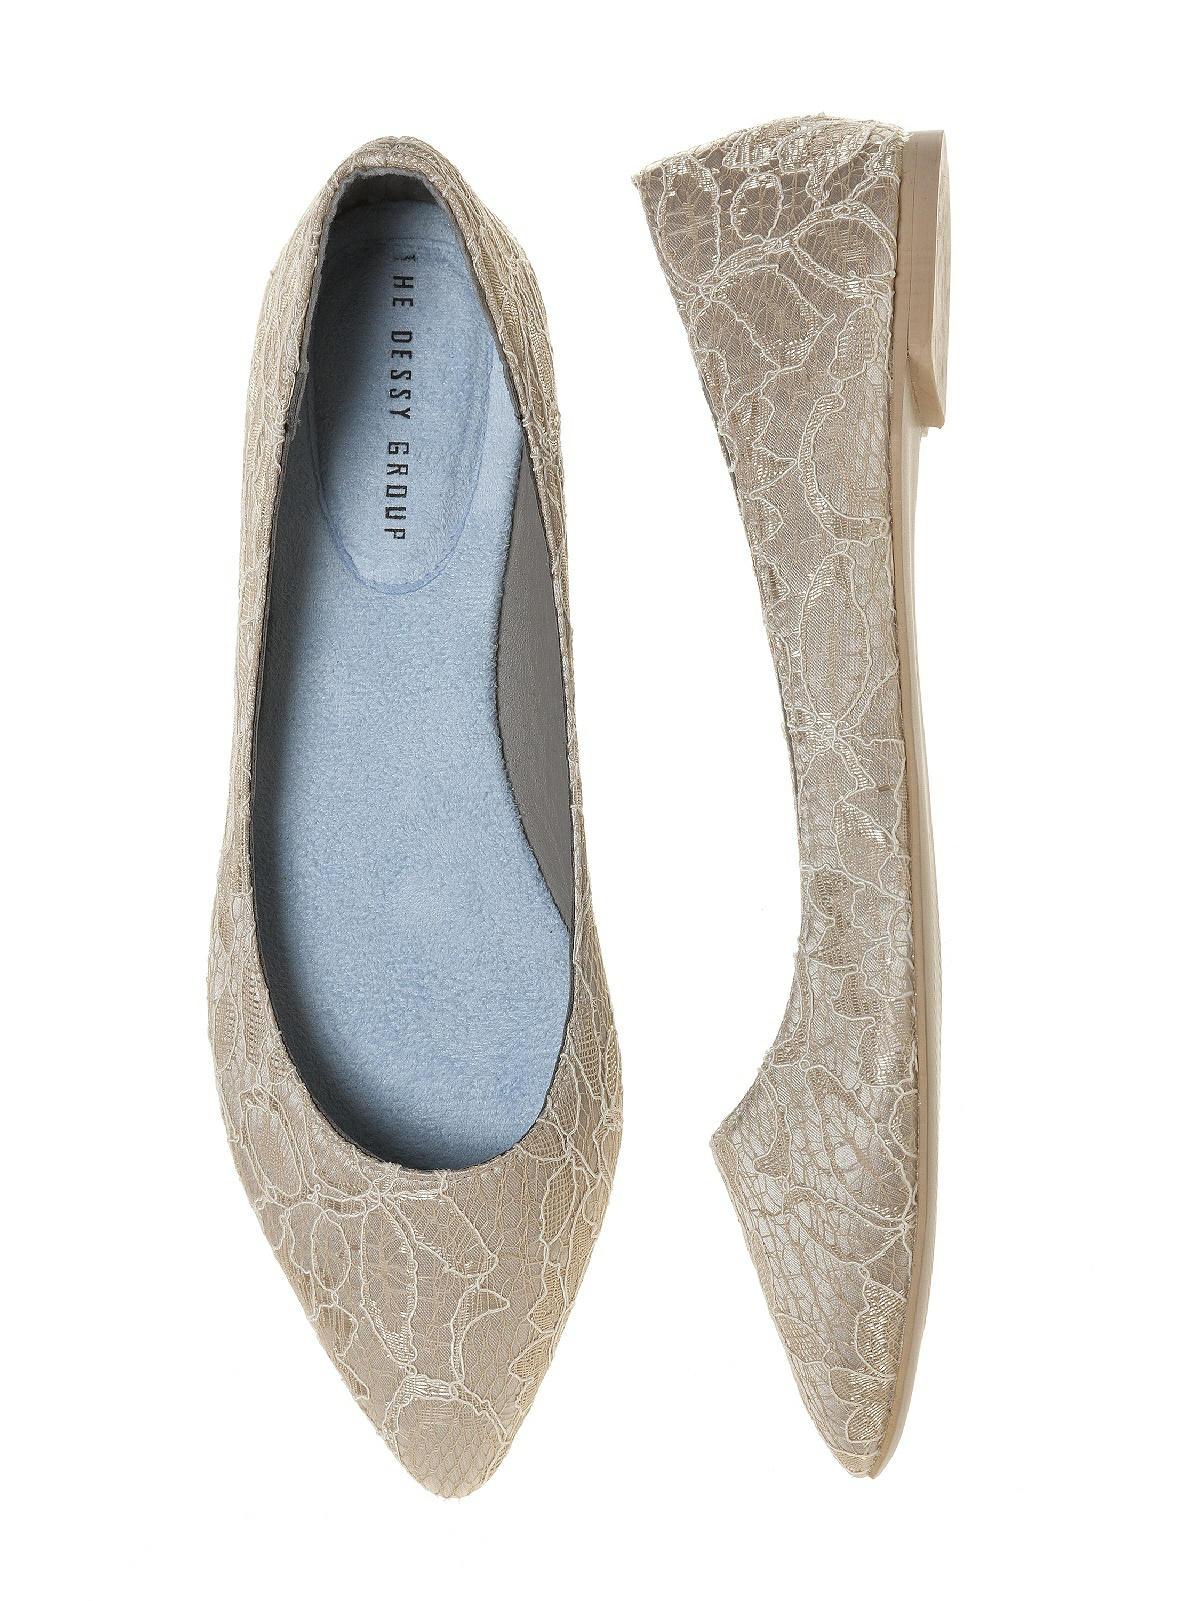 lace ballet flat shoe